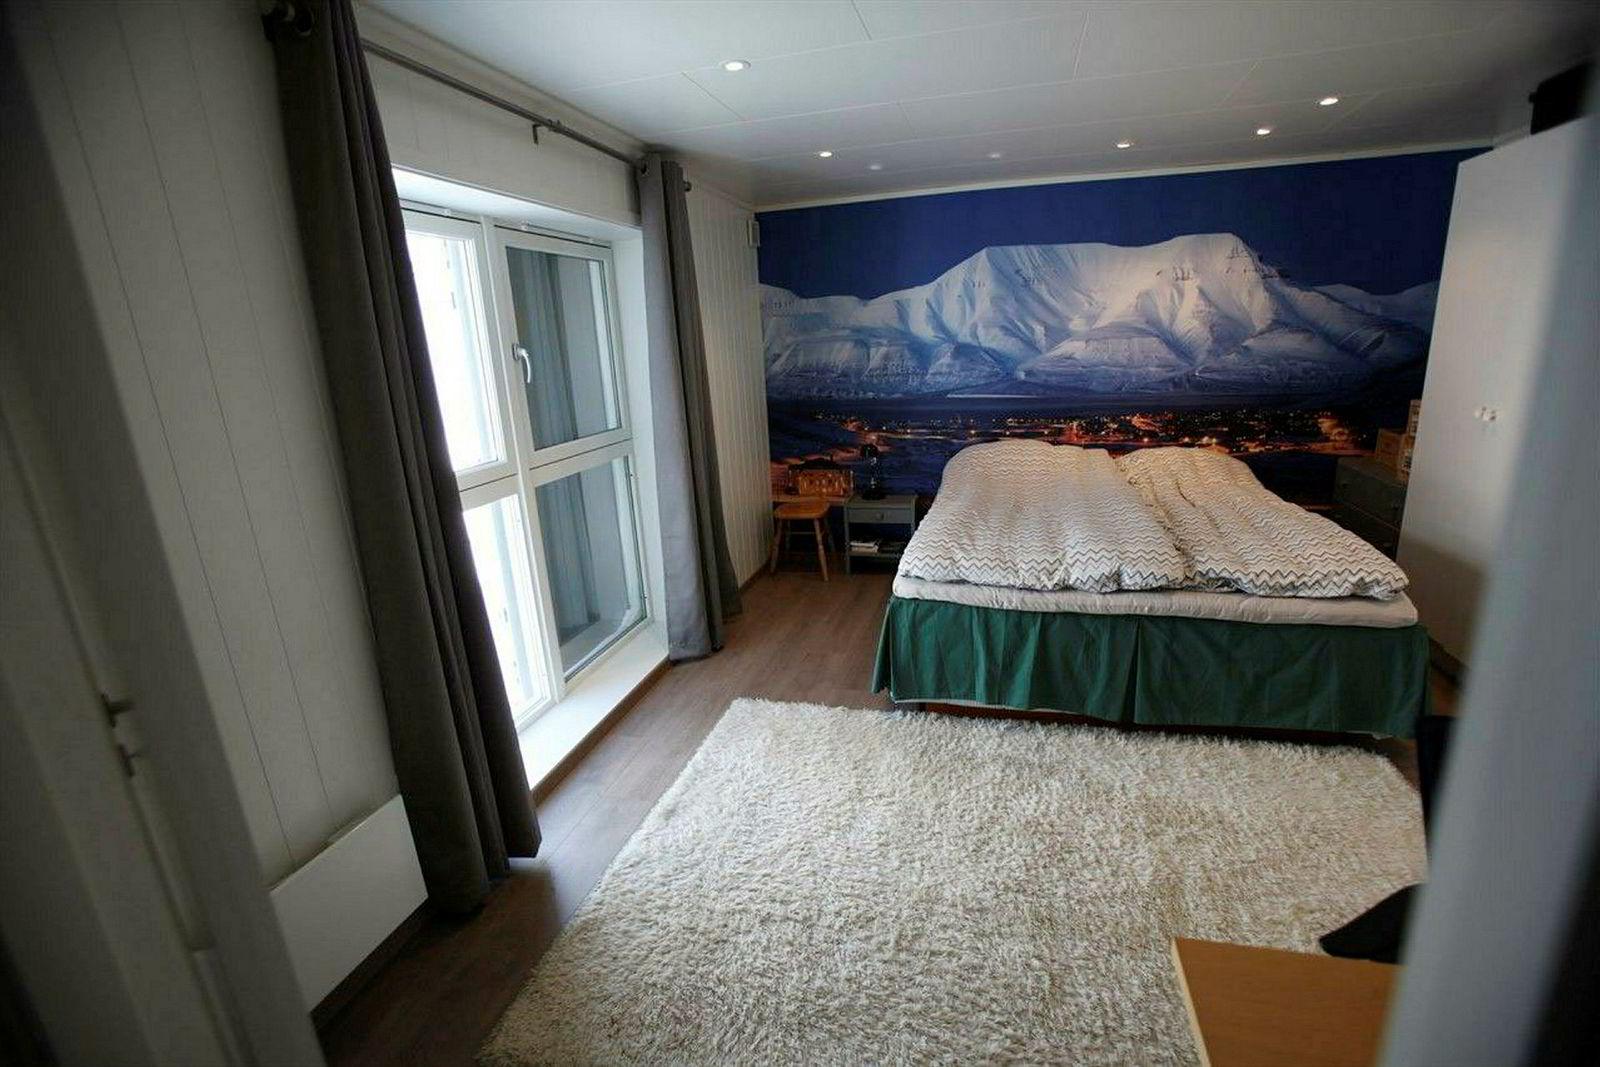 Selv om boligen er innredet med seng på annonsebildene, er det ikke tillatt å sove i boligen før man eventuelt får skaffet botillatelse. Tidligere eier brukte boligen som oppholdssted, men måtte sove et annet sted i Longyearbyen.